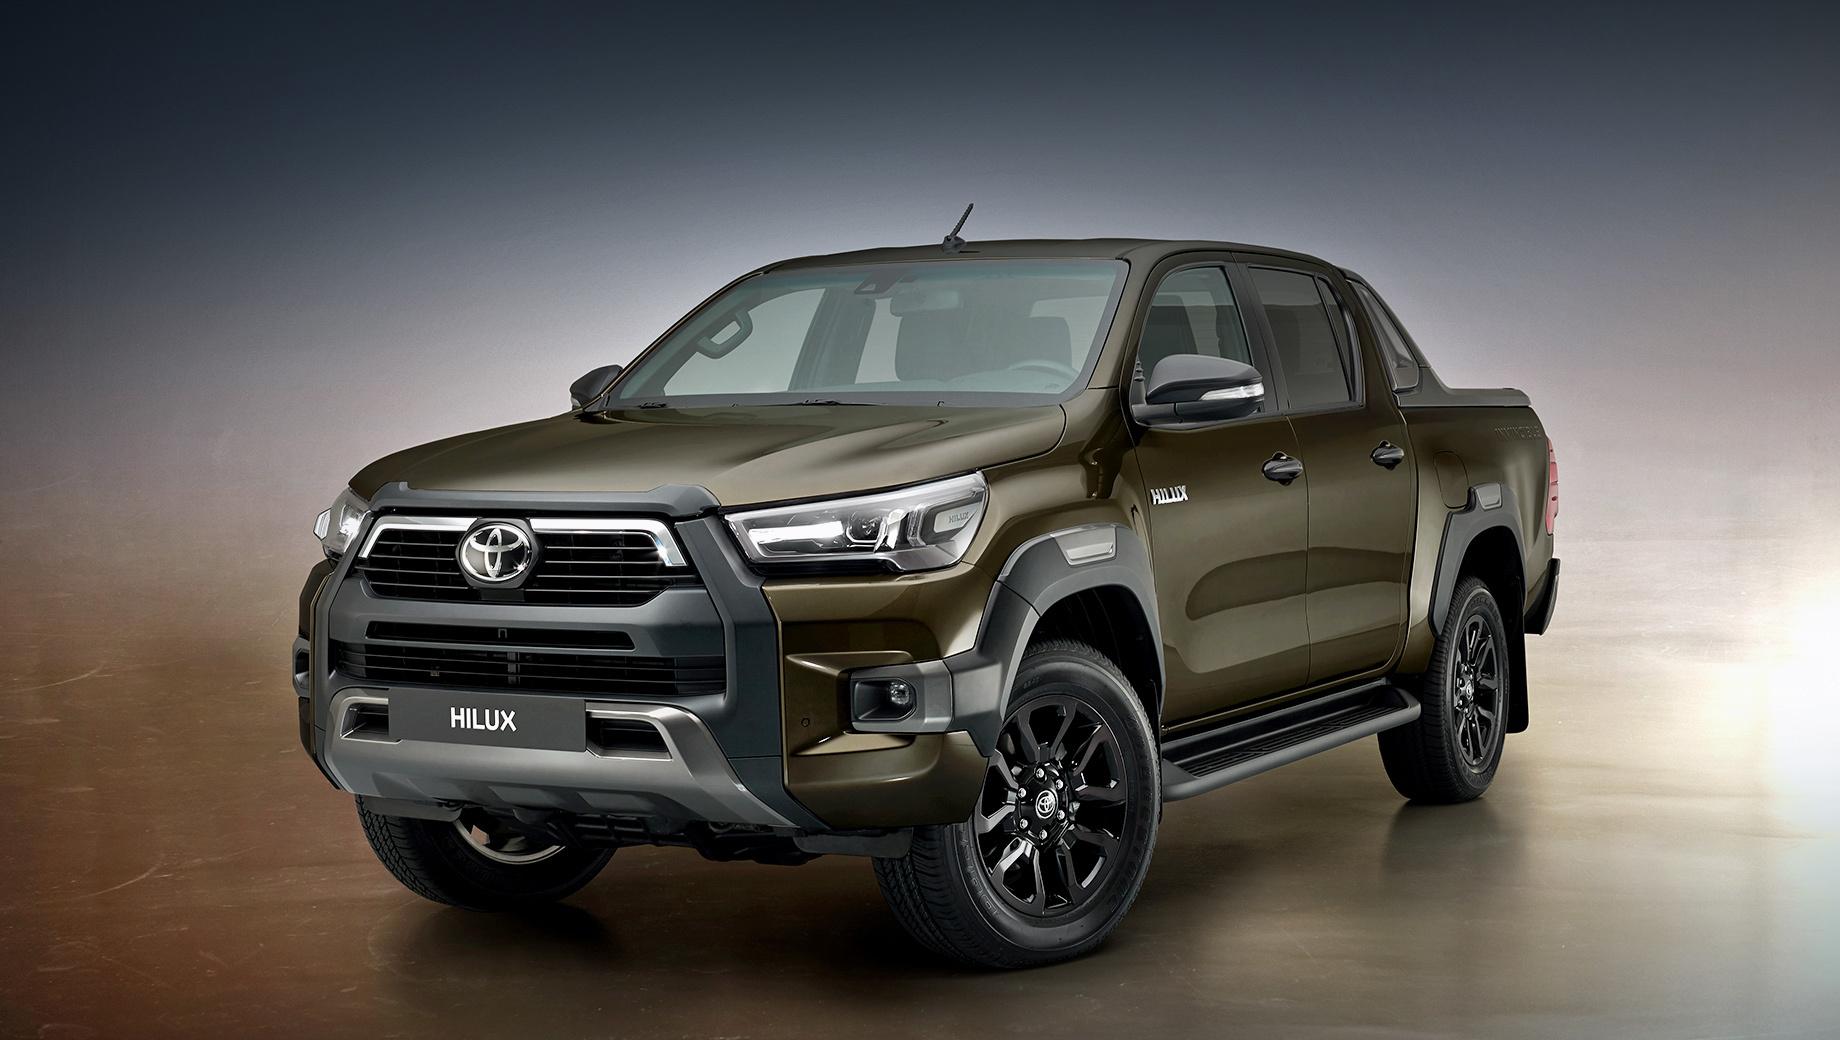 Пикап Toyota Hilux получил новый мощный турбодизель